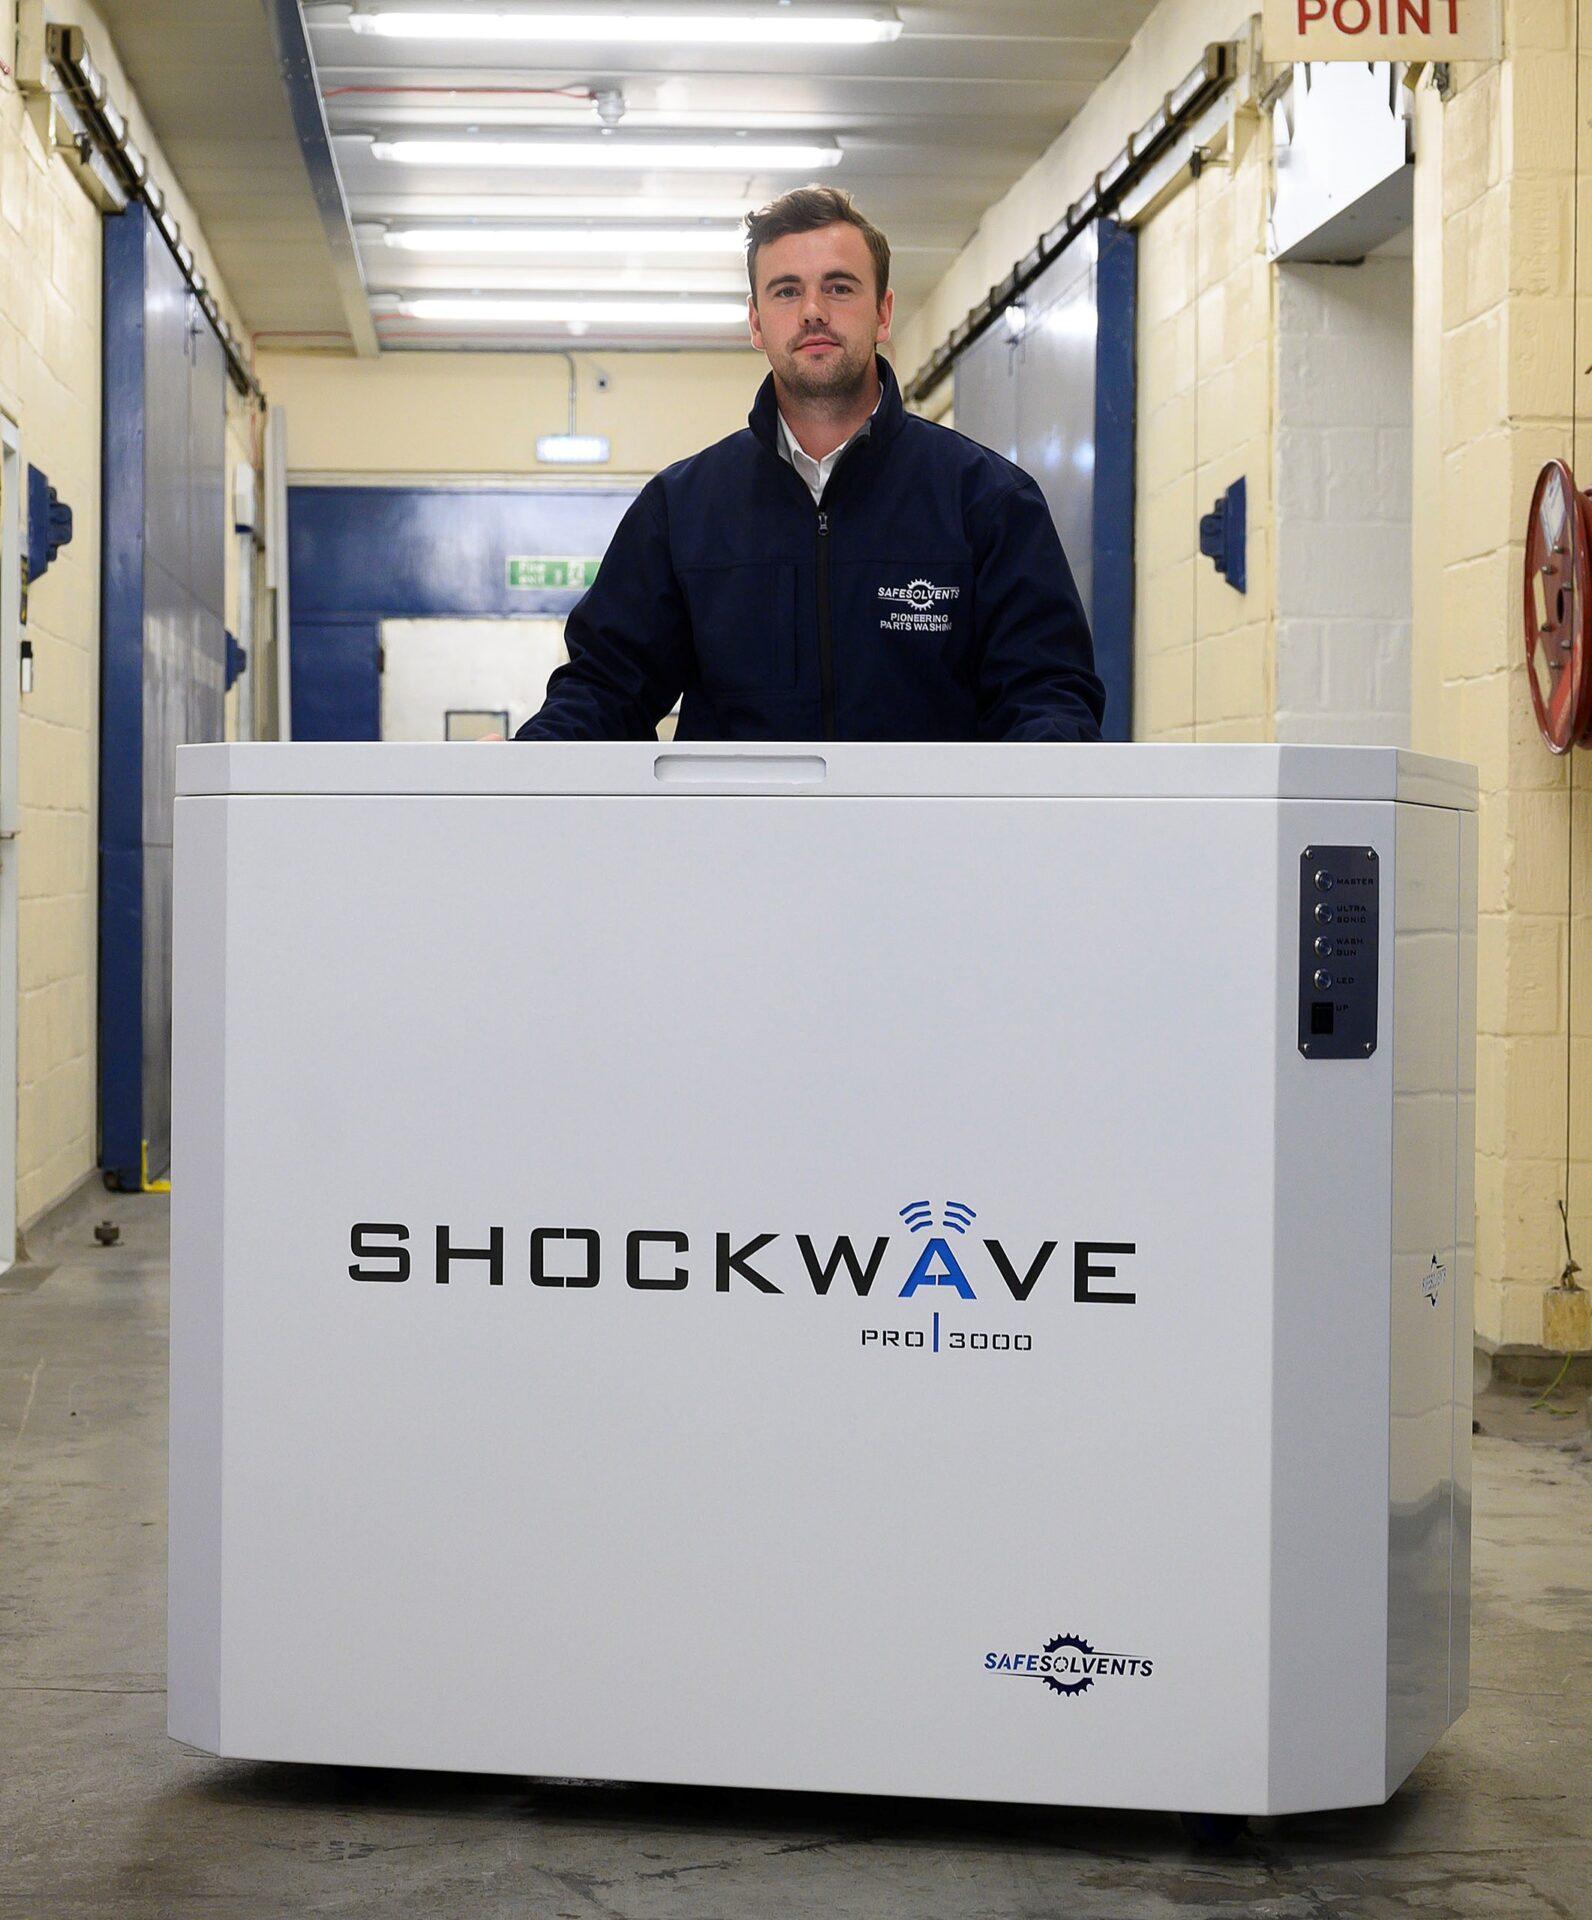 Design Engineer Kyle Dooley with a Safe Solvents Shockwave Pro 3000,